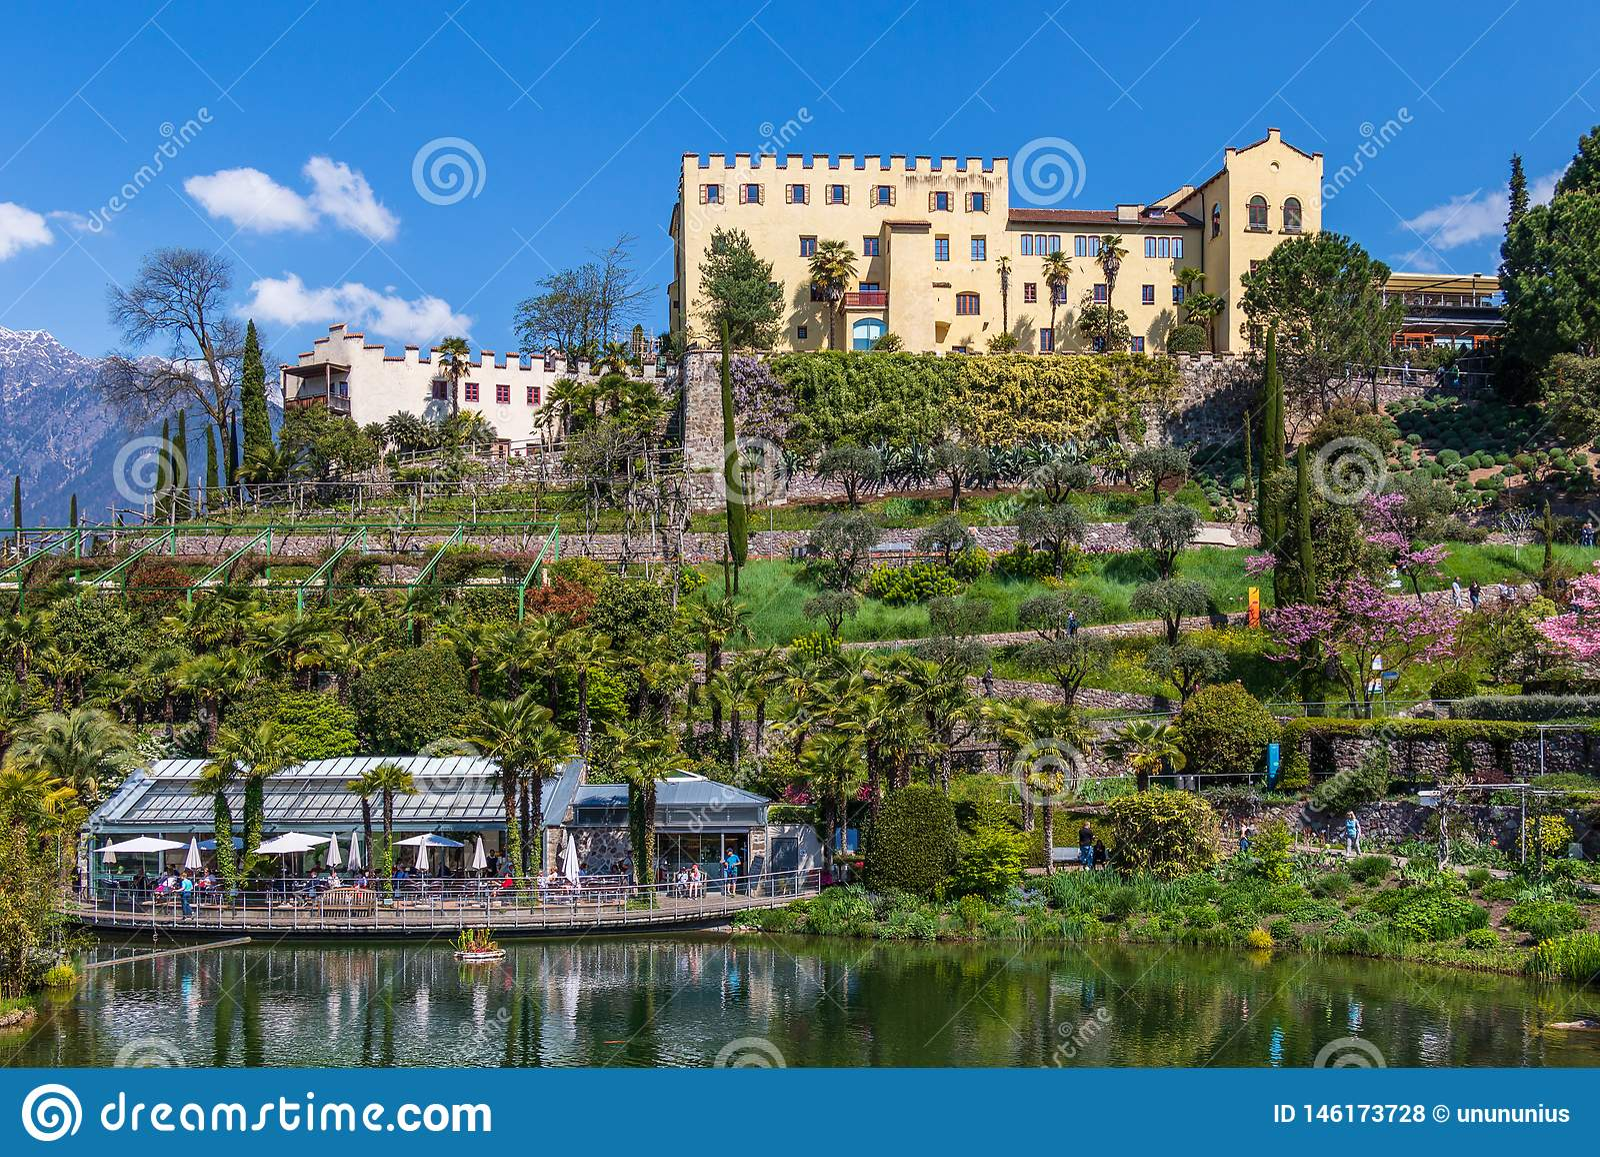 Panorama des Schlosses und der botanischen Gärten von Trauttmansdorff in einer Alpenlandschaft von Meran Merano, Provinz Bozen, S